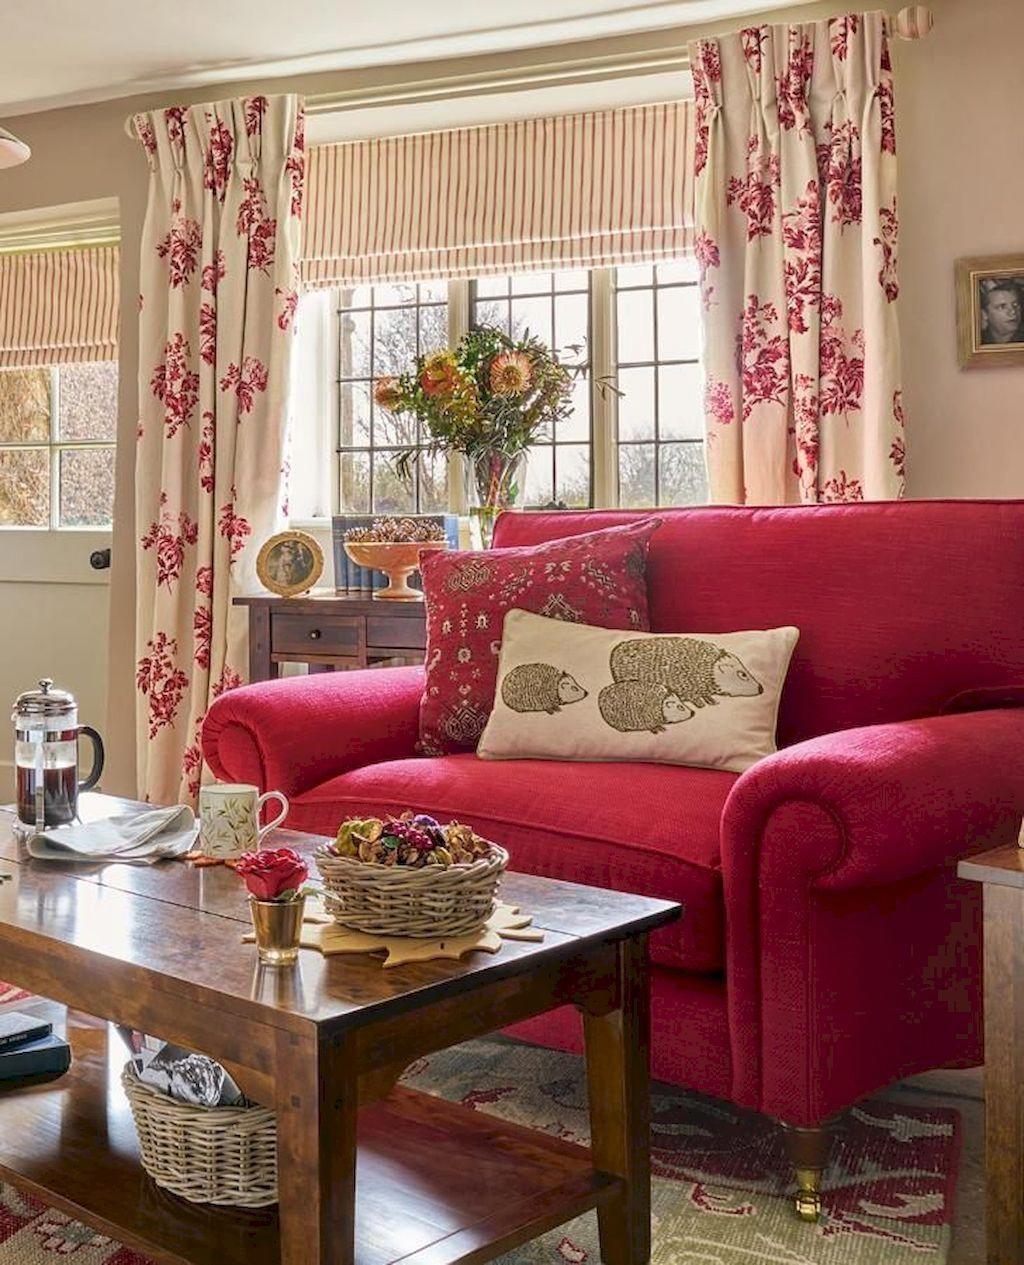 06 Cozy Farmhouse Living Room Makeover Decor Ideas ...